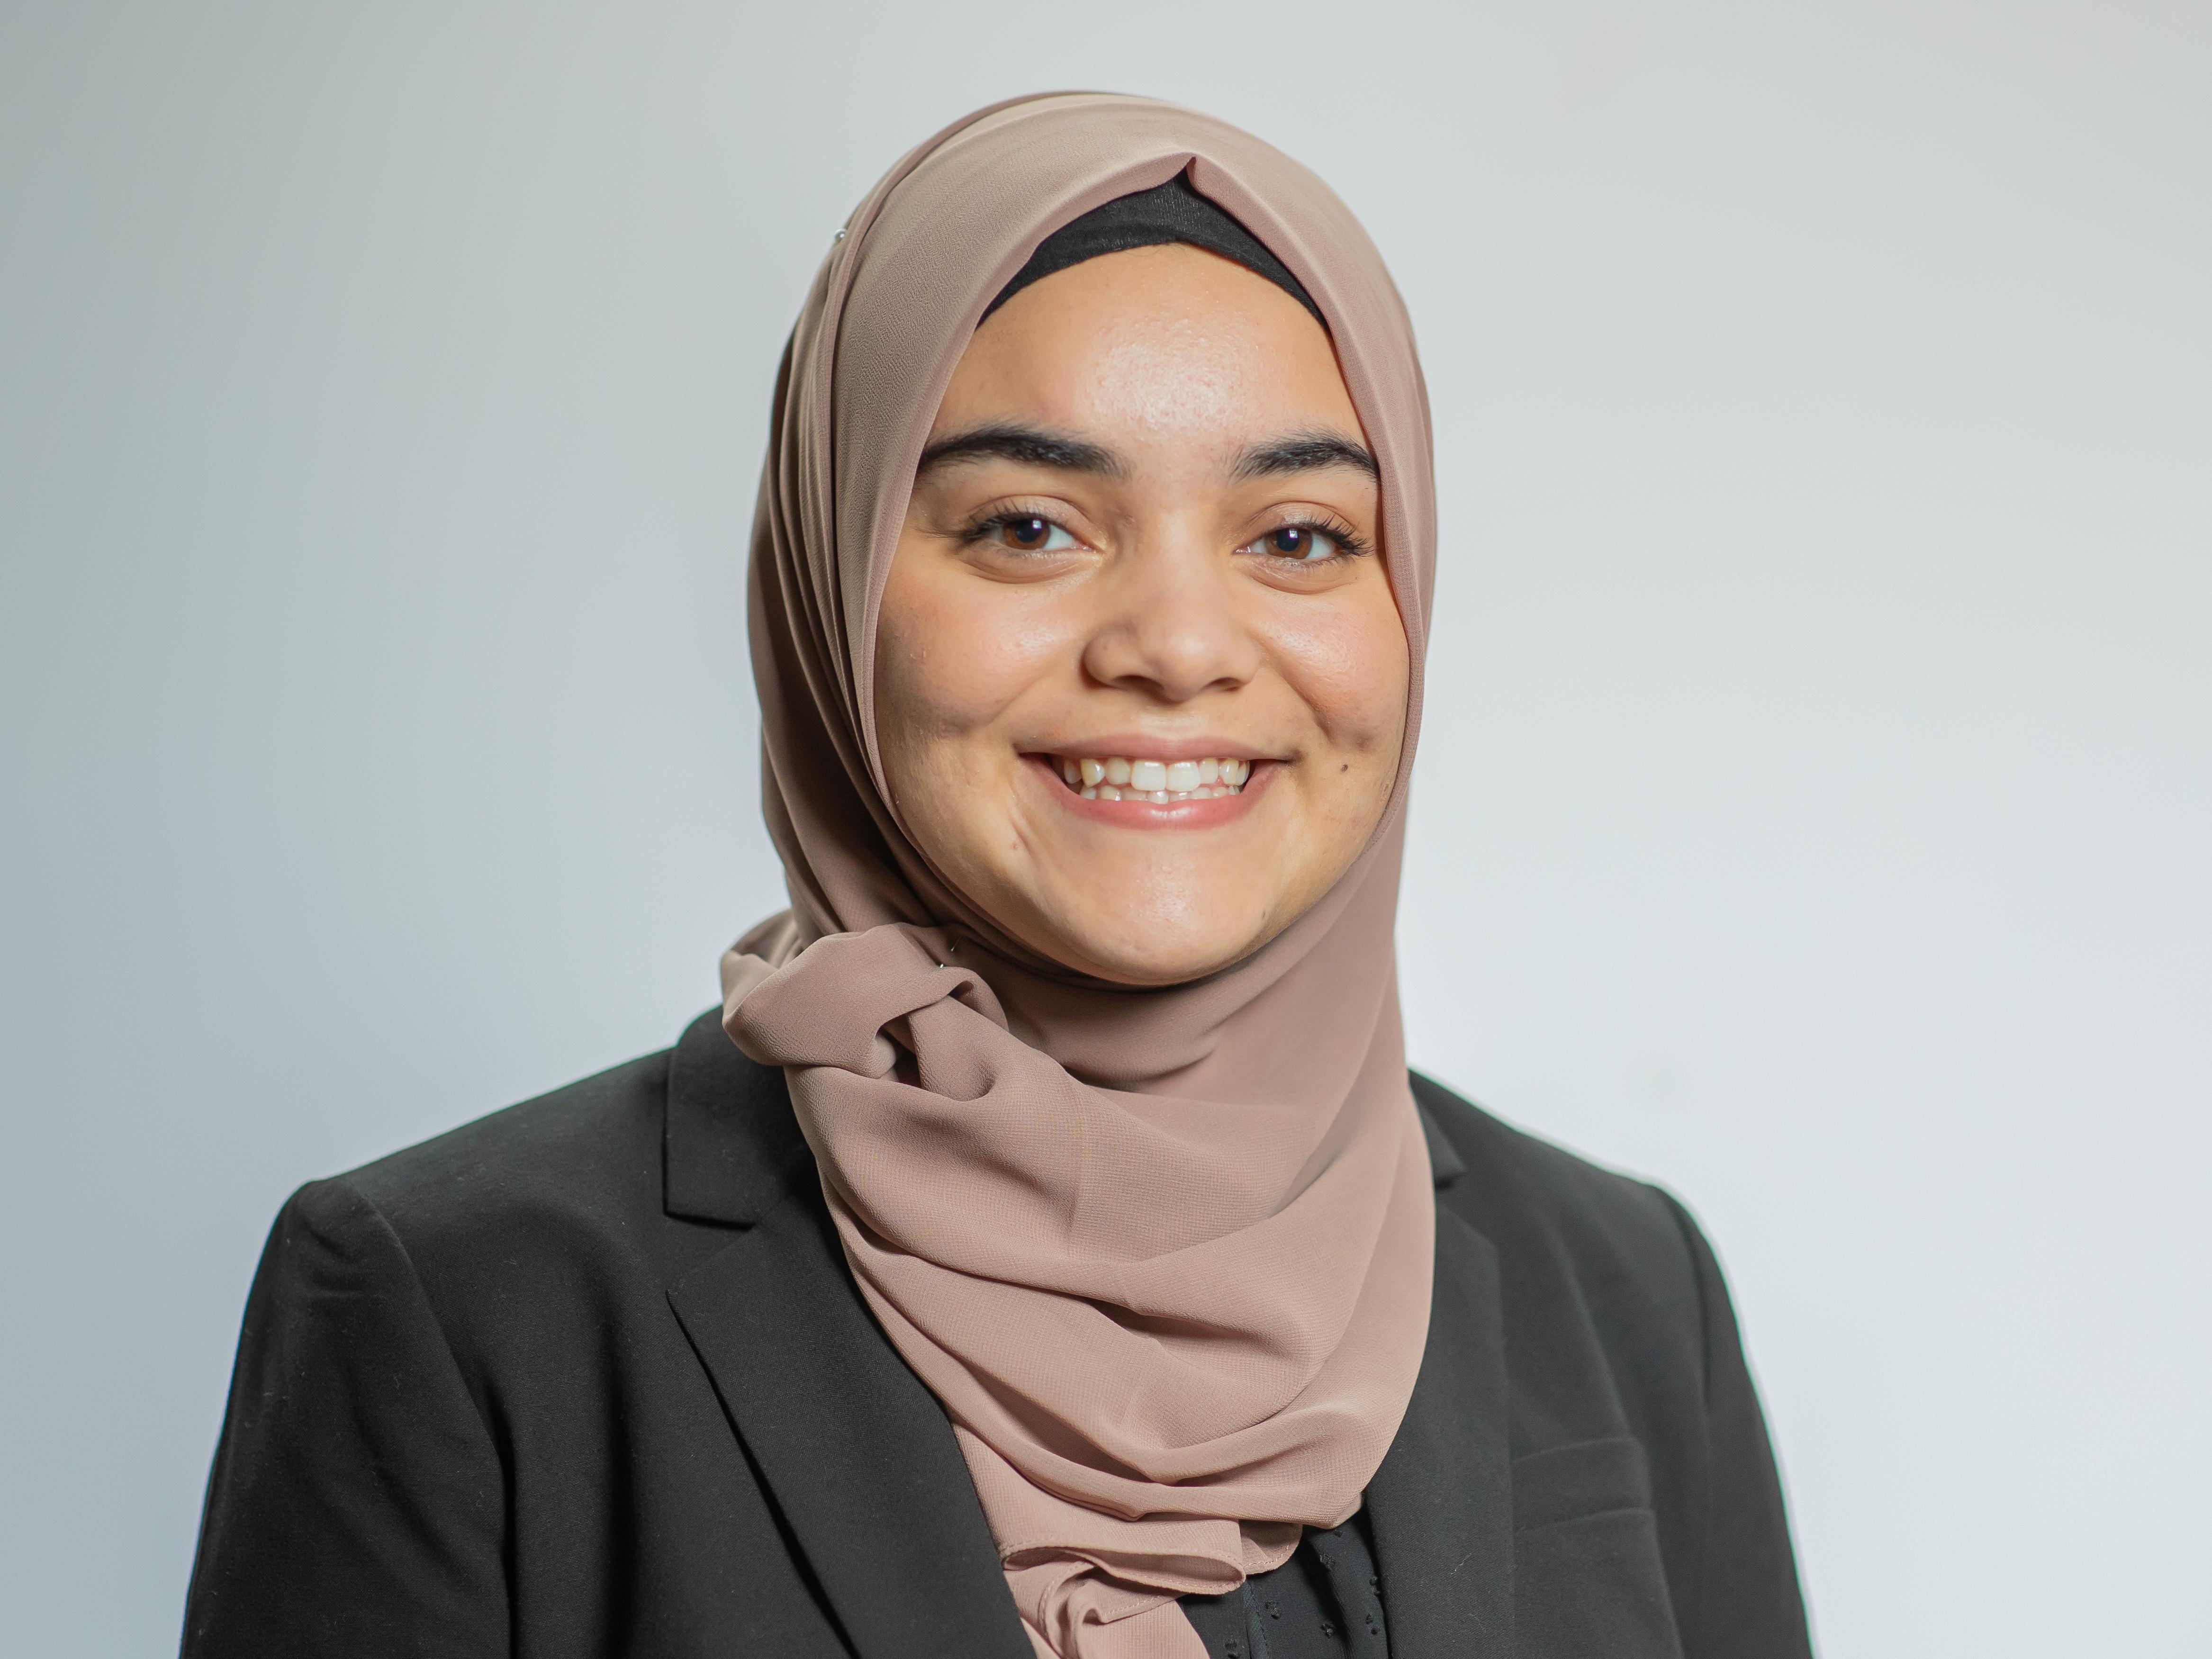 Amna Al-Jumaily